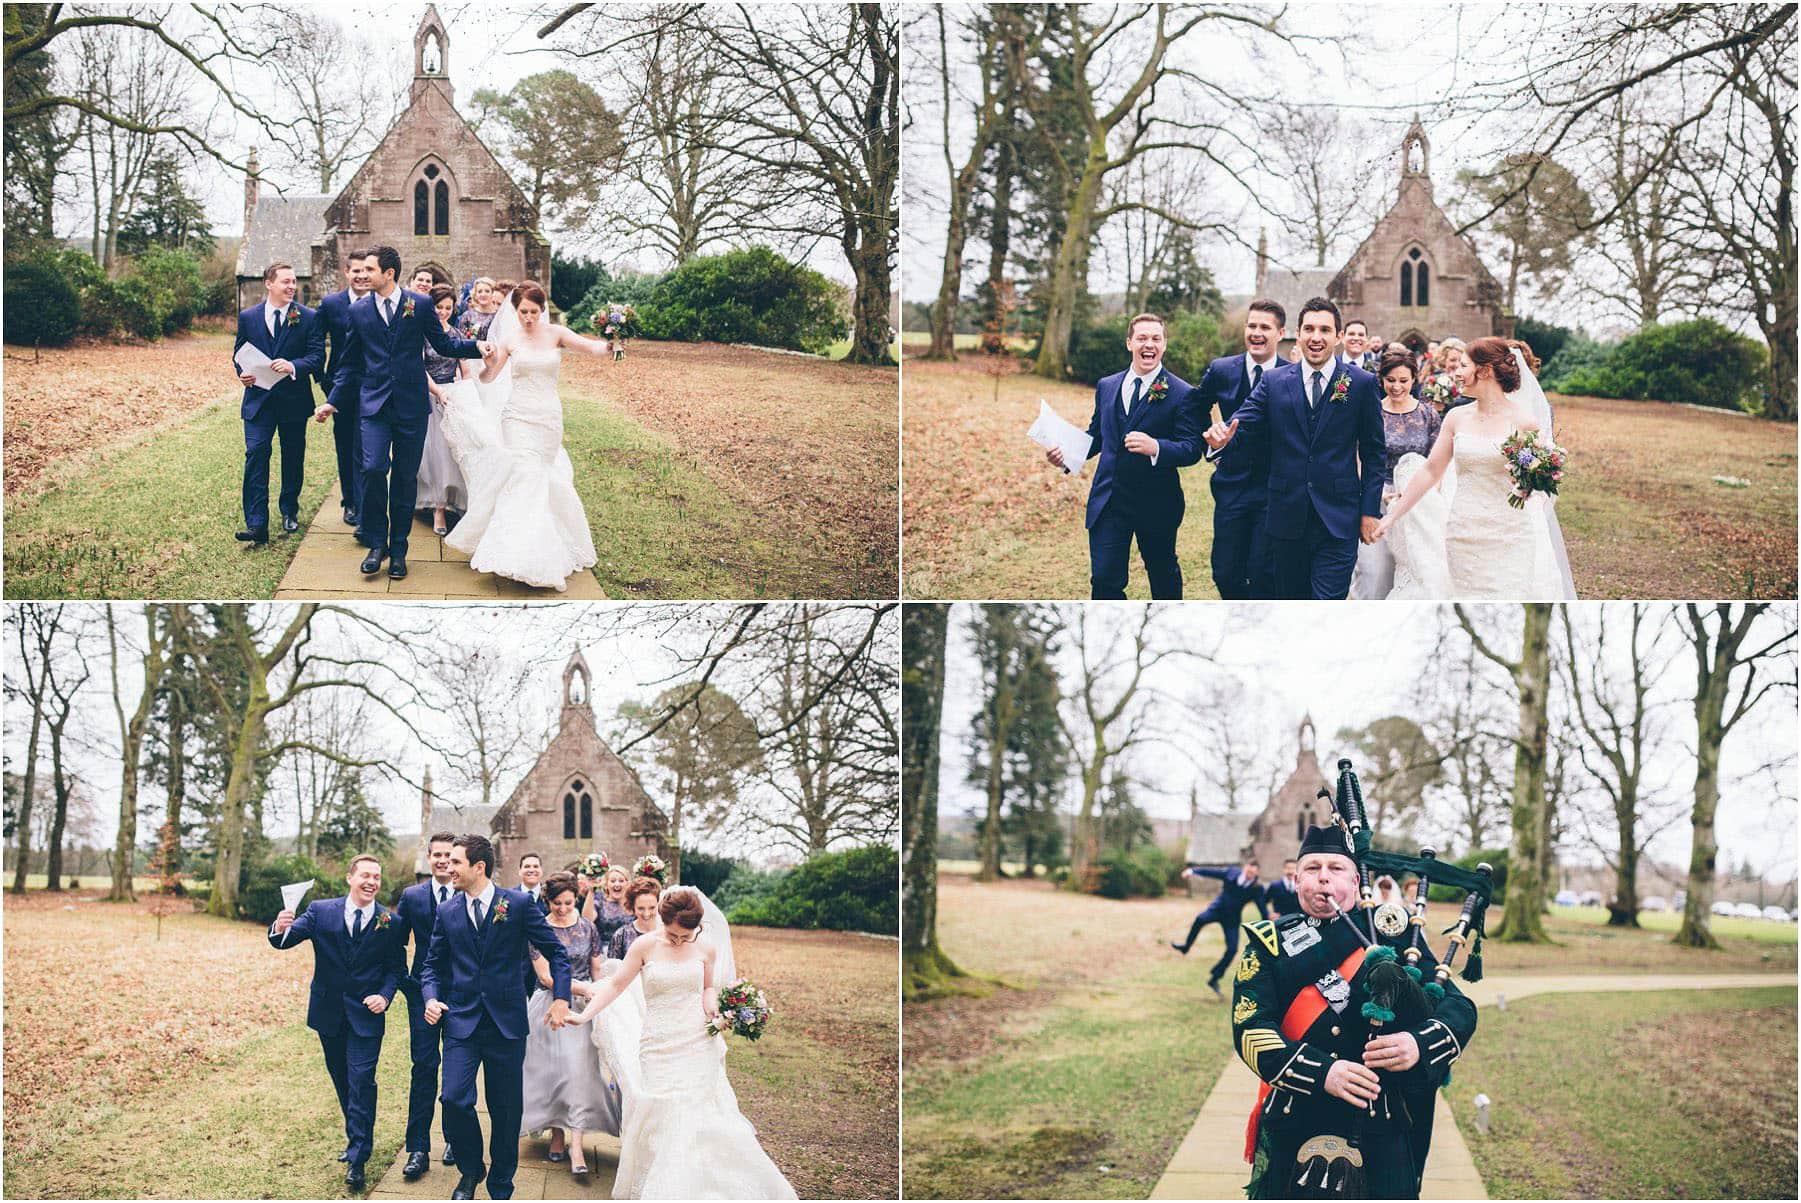 Fasque_House_Wedding_Photography_0065